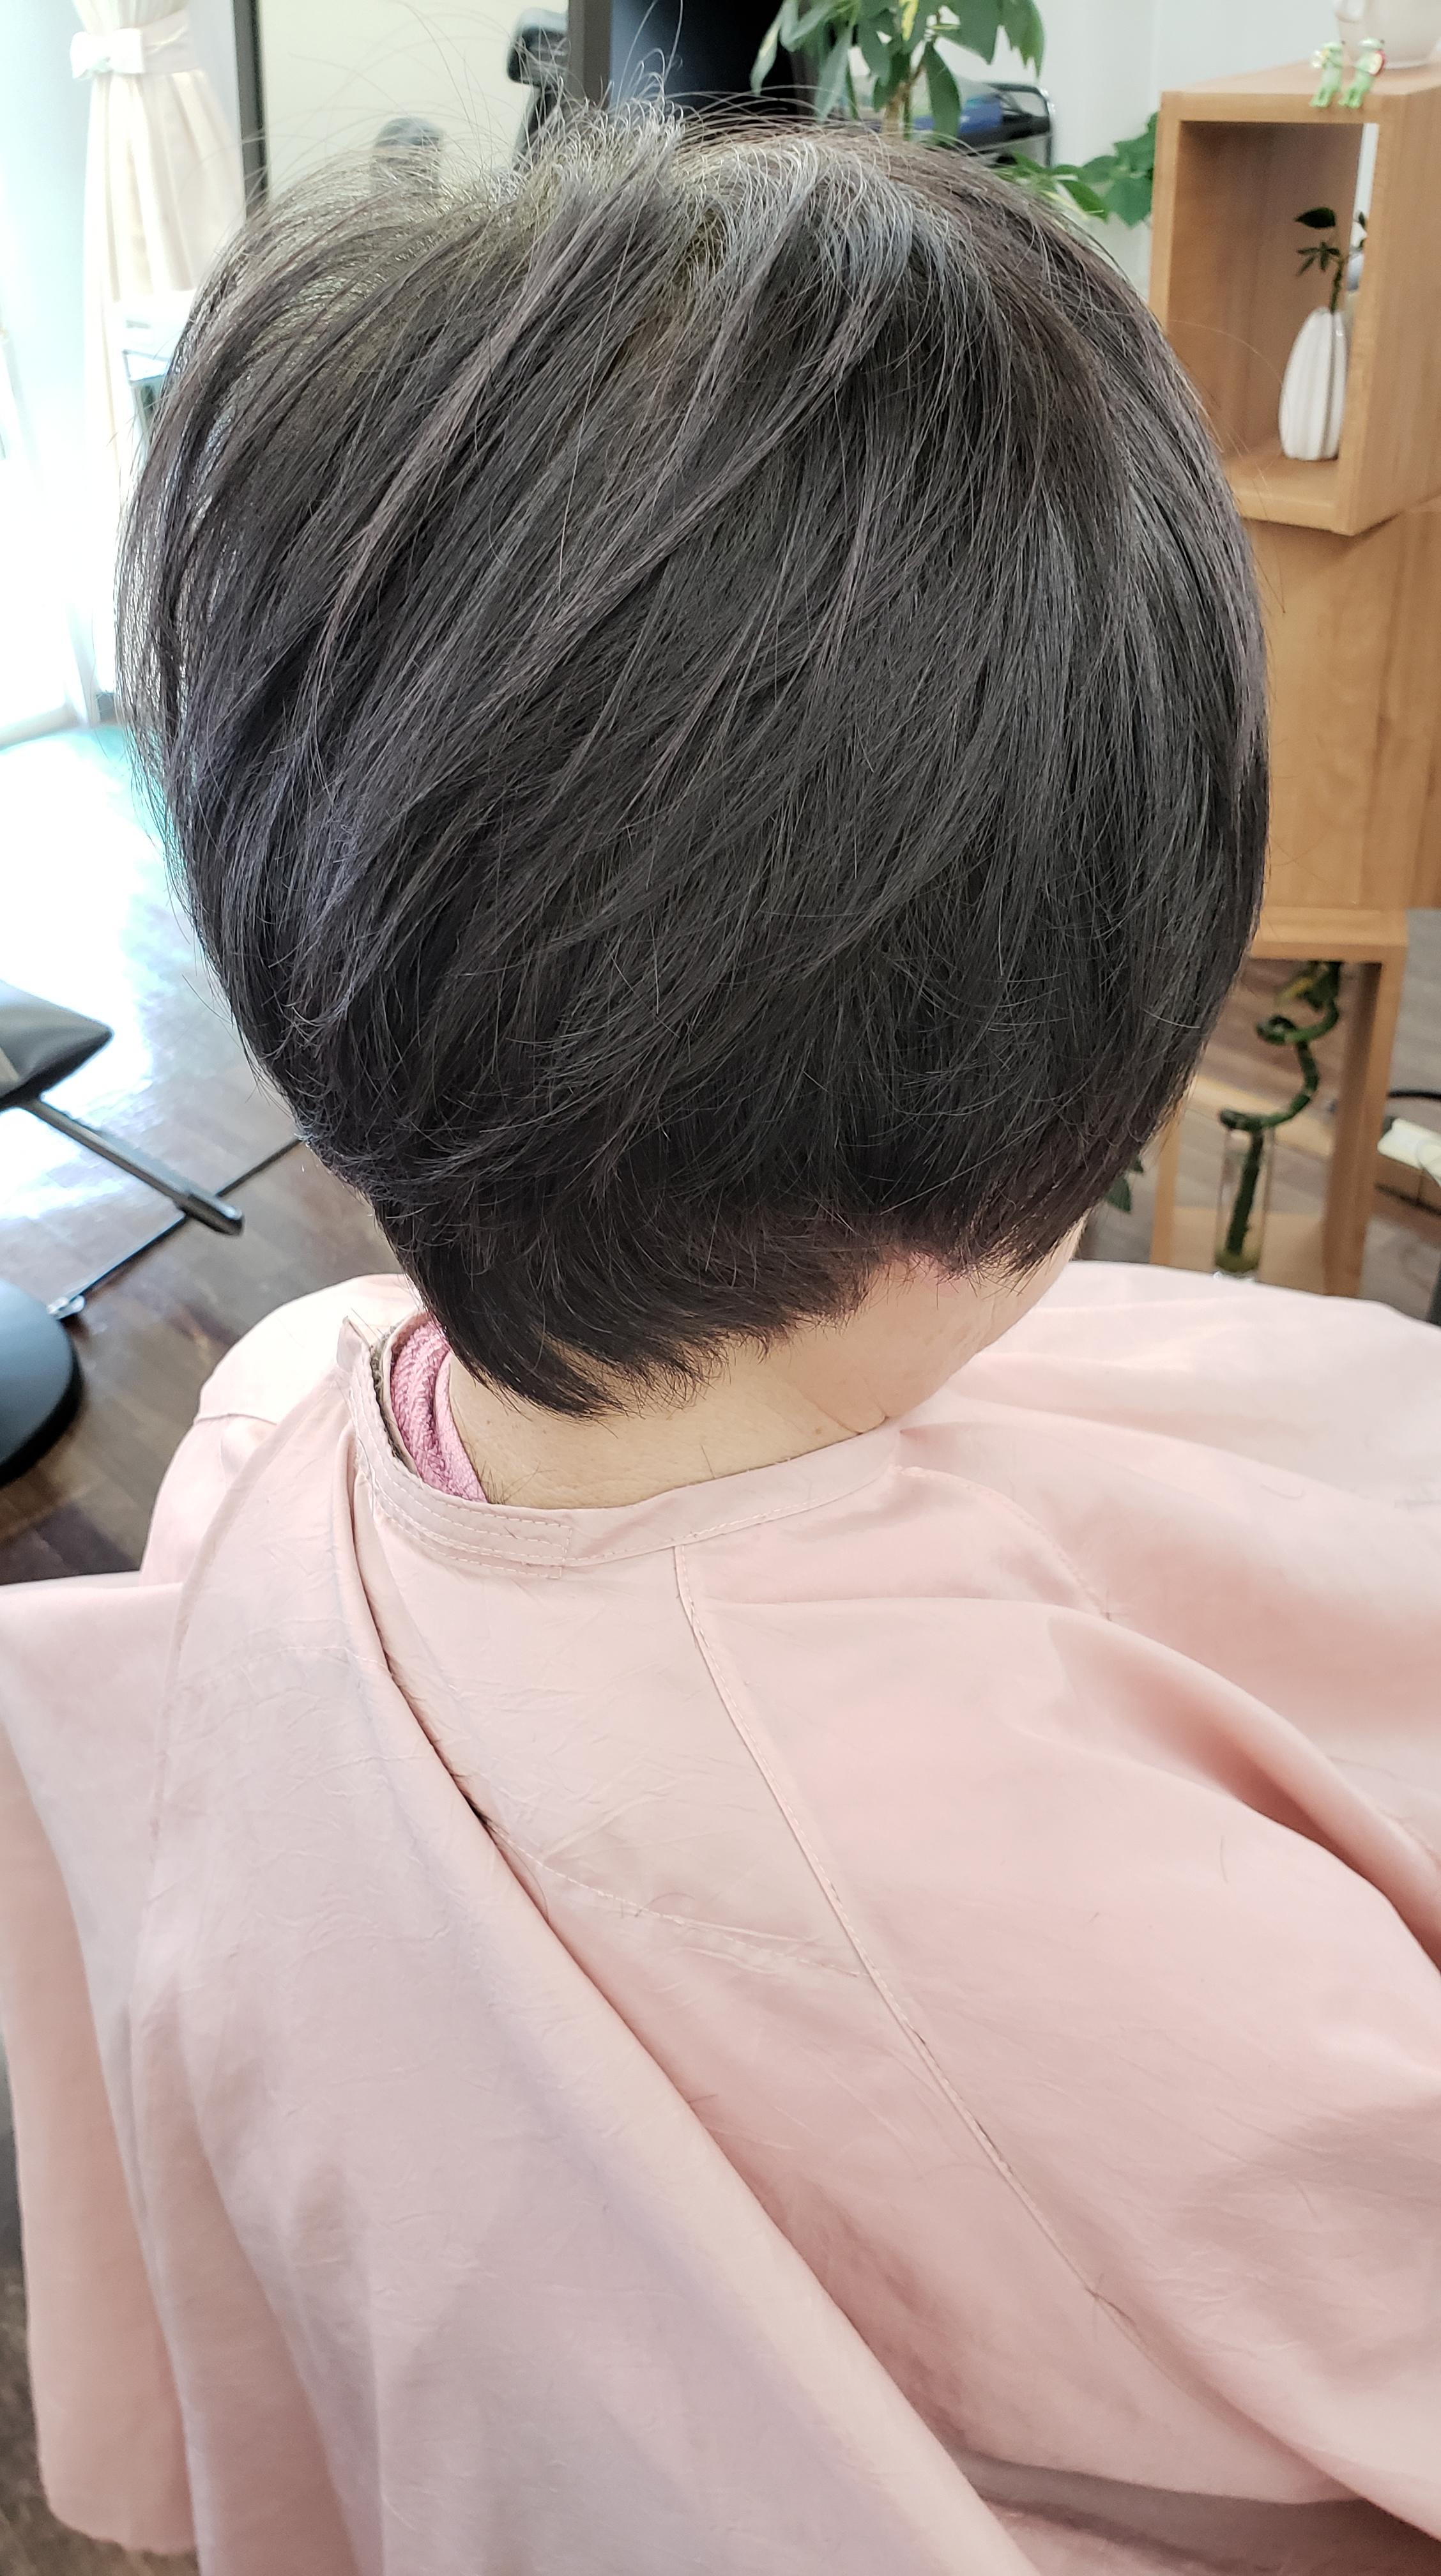 はえぐせがきつい髪の毛におさまる意思をもたせる